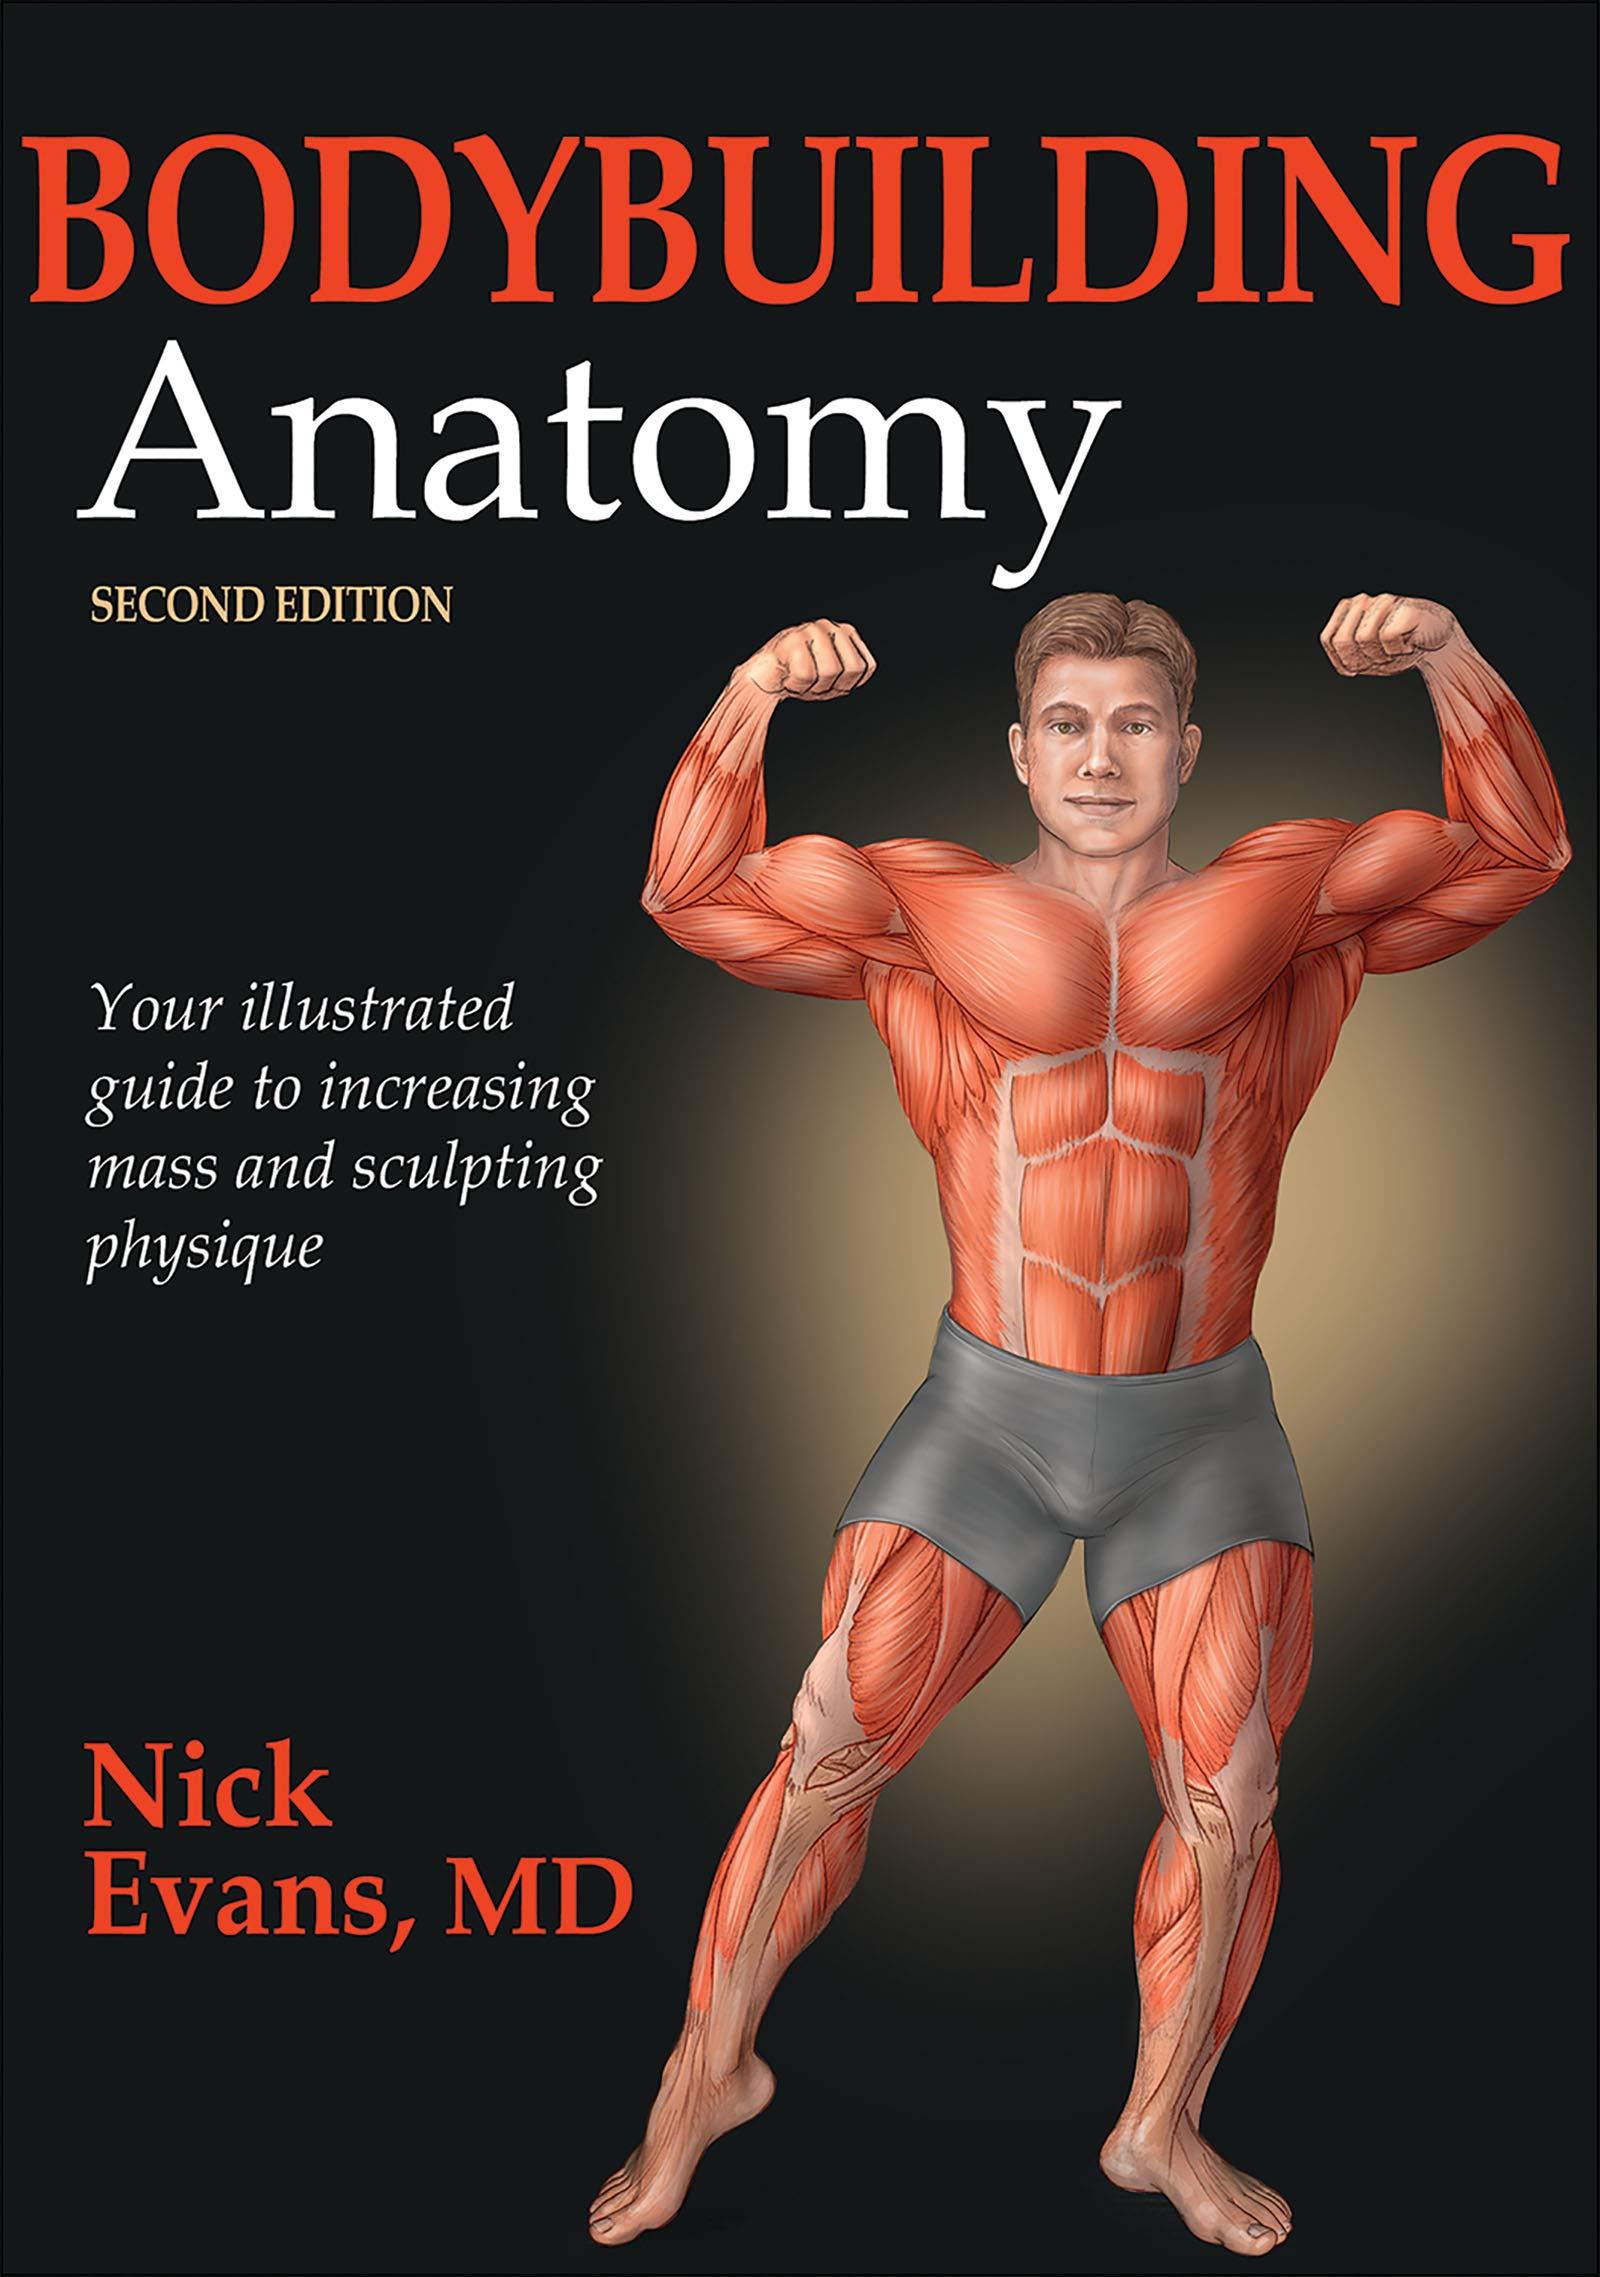 Bodybuilding Anatomy Amazon Nick Evans 9781450496254 Books